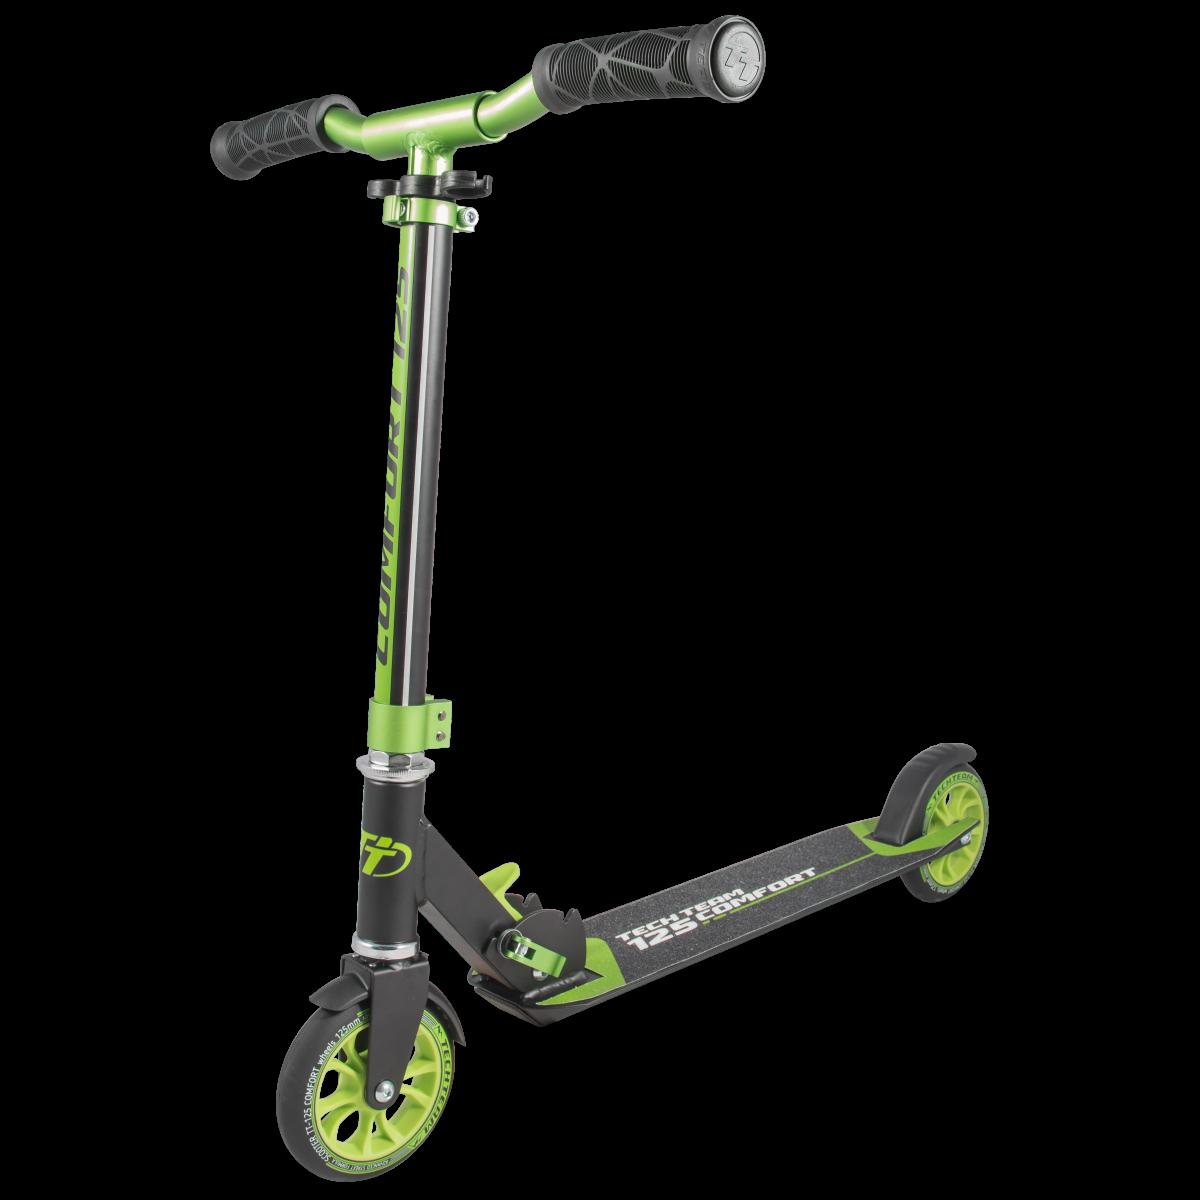 Самокат TechTeam 125 comfort 2019 черно-зеленый